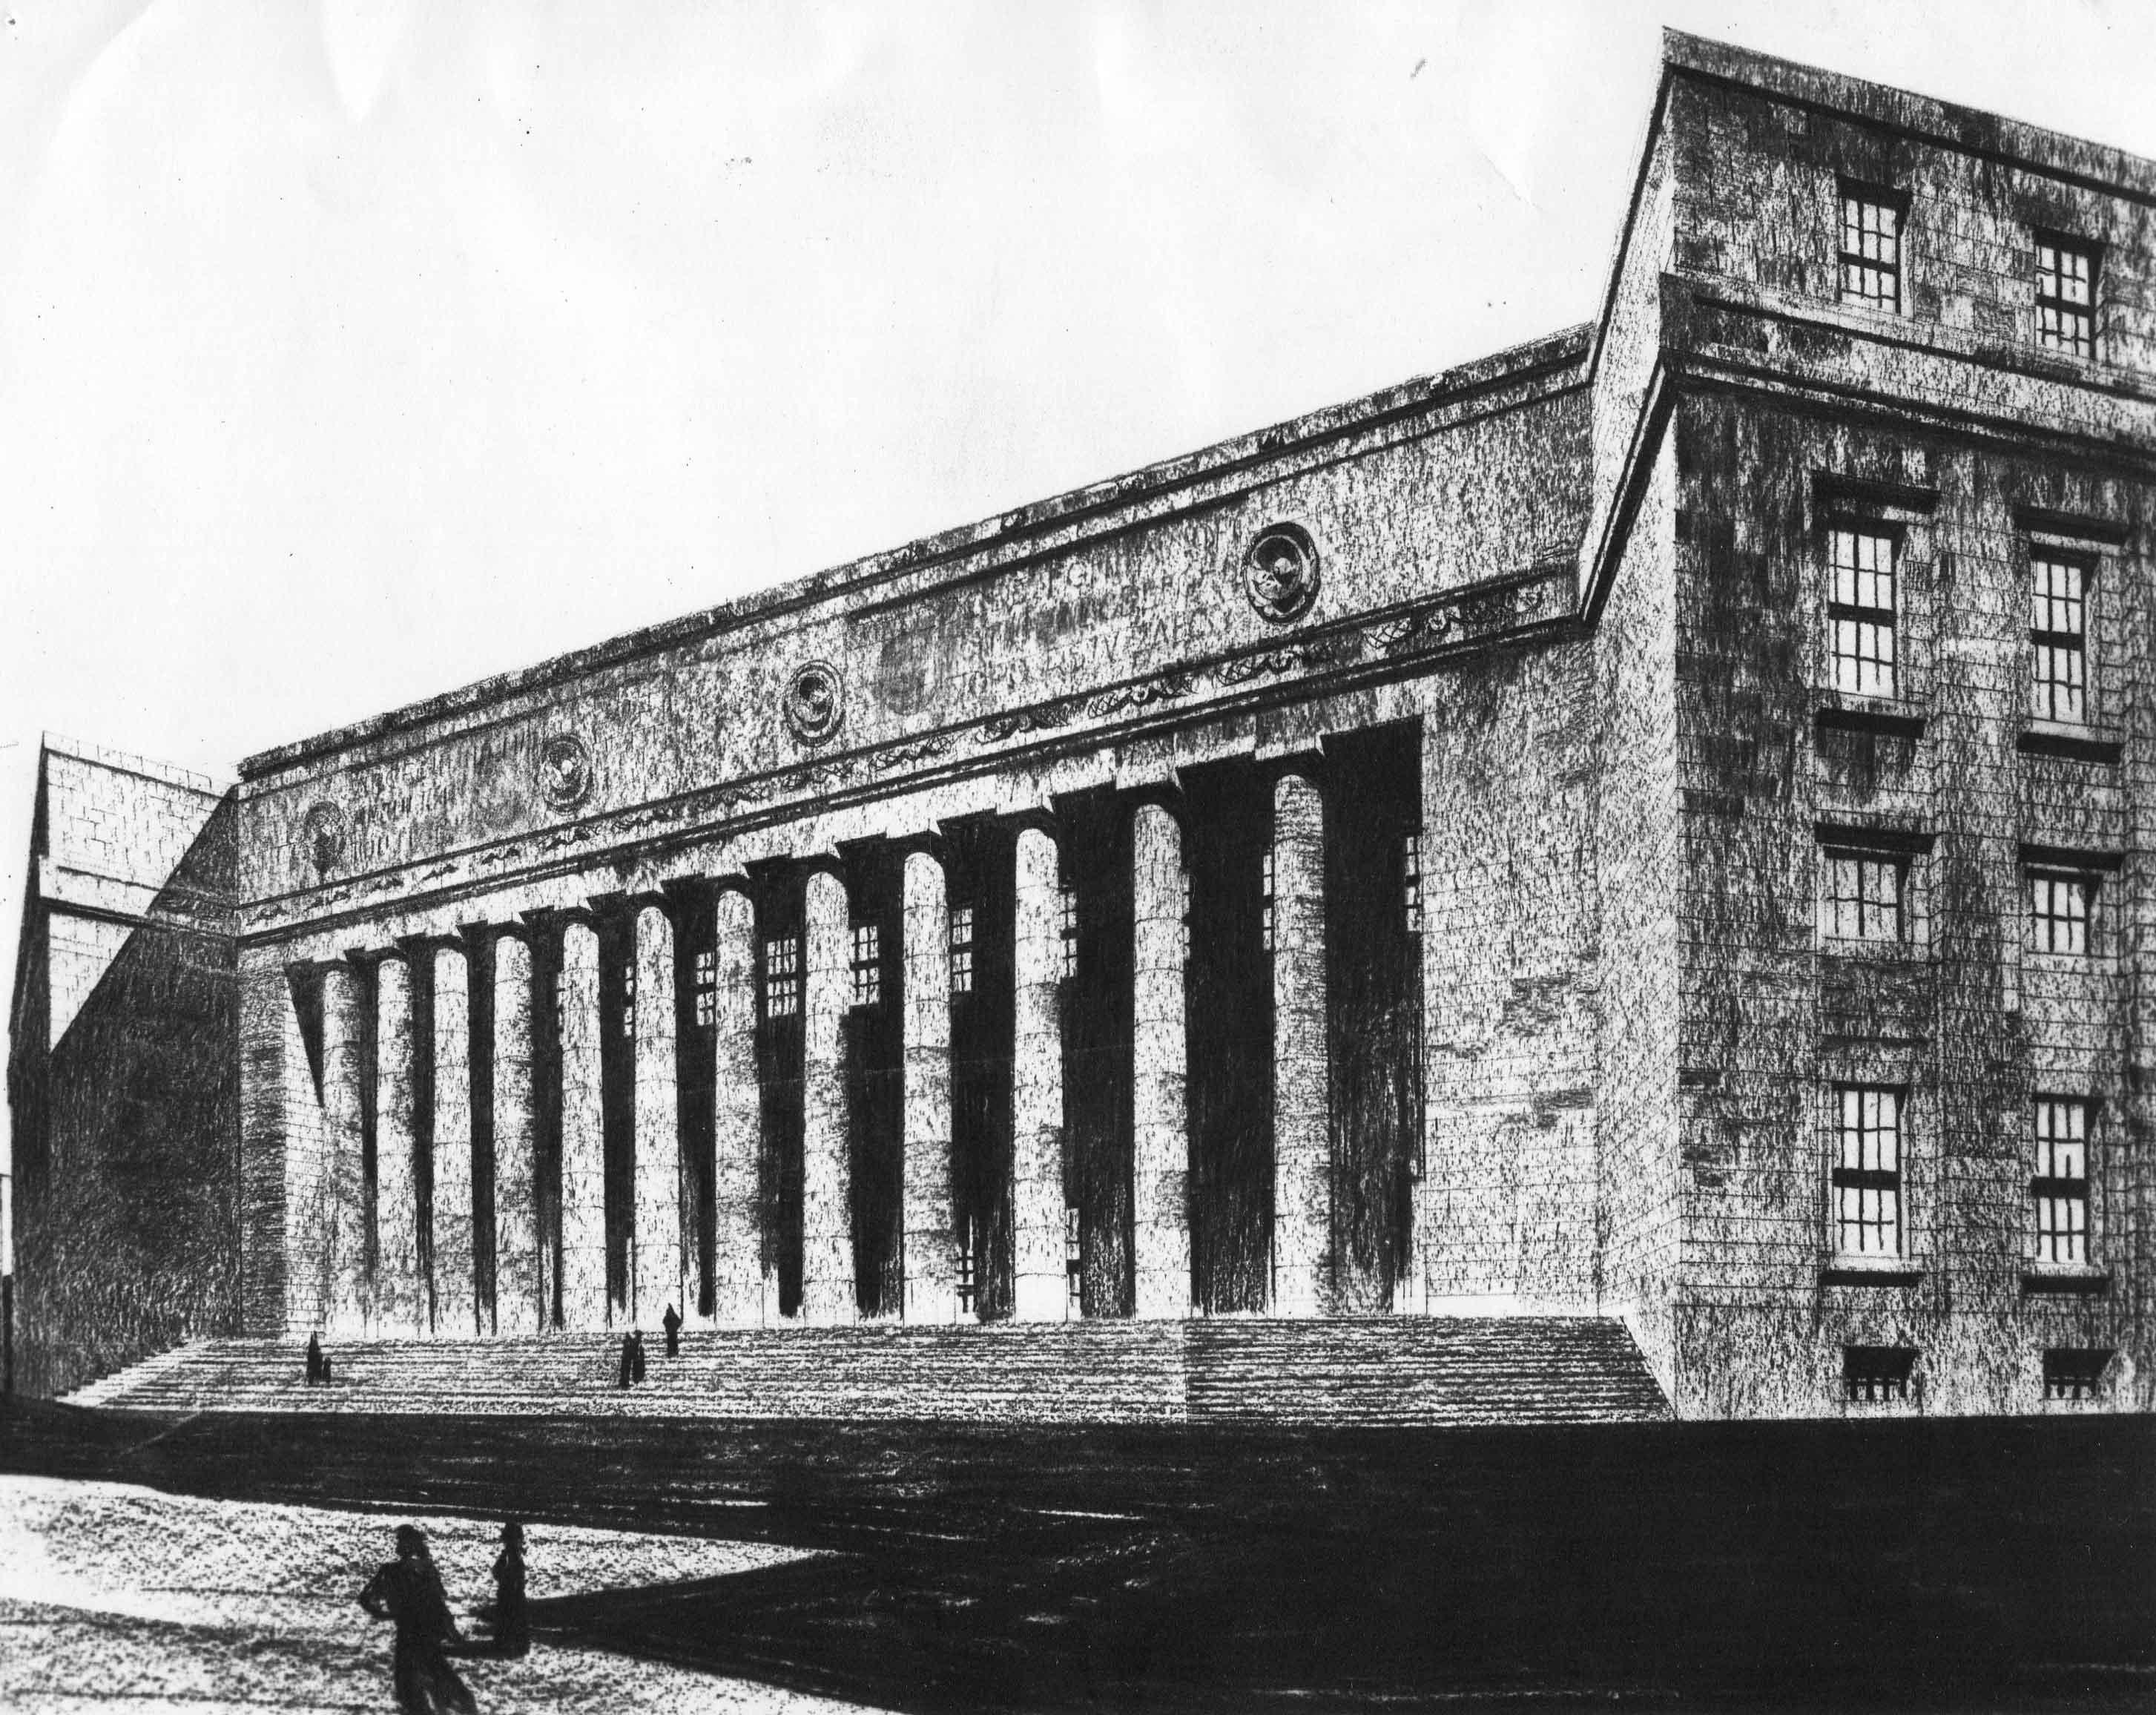 Progetto di concorso per il Palazzo delle Poste a Napoli